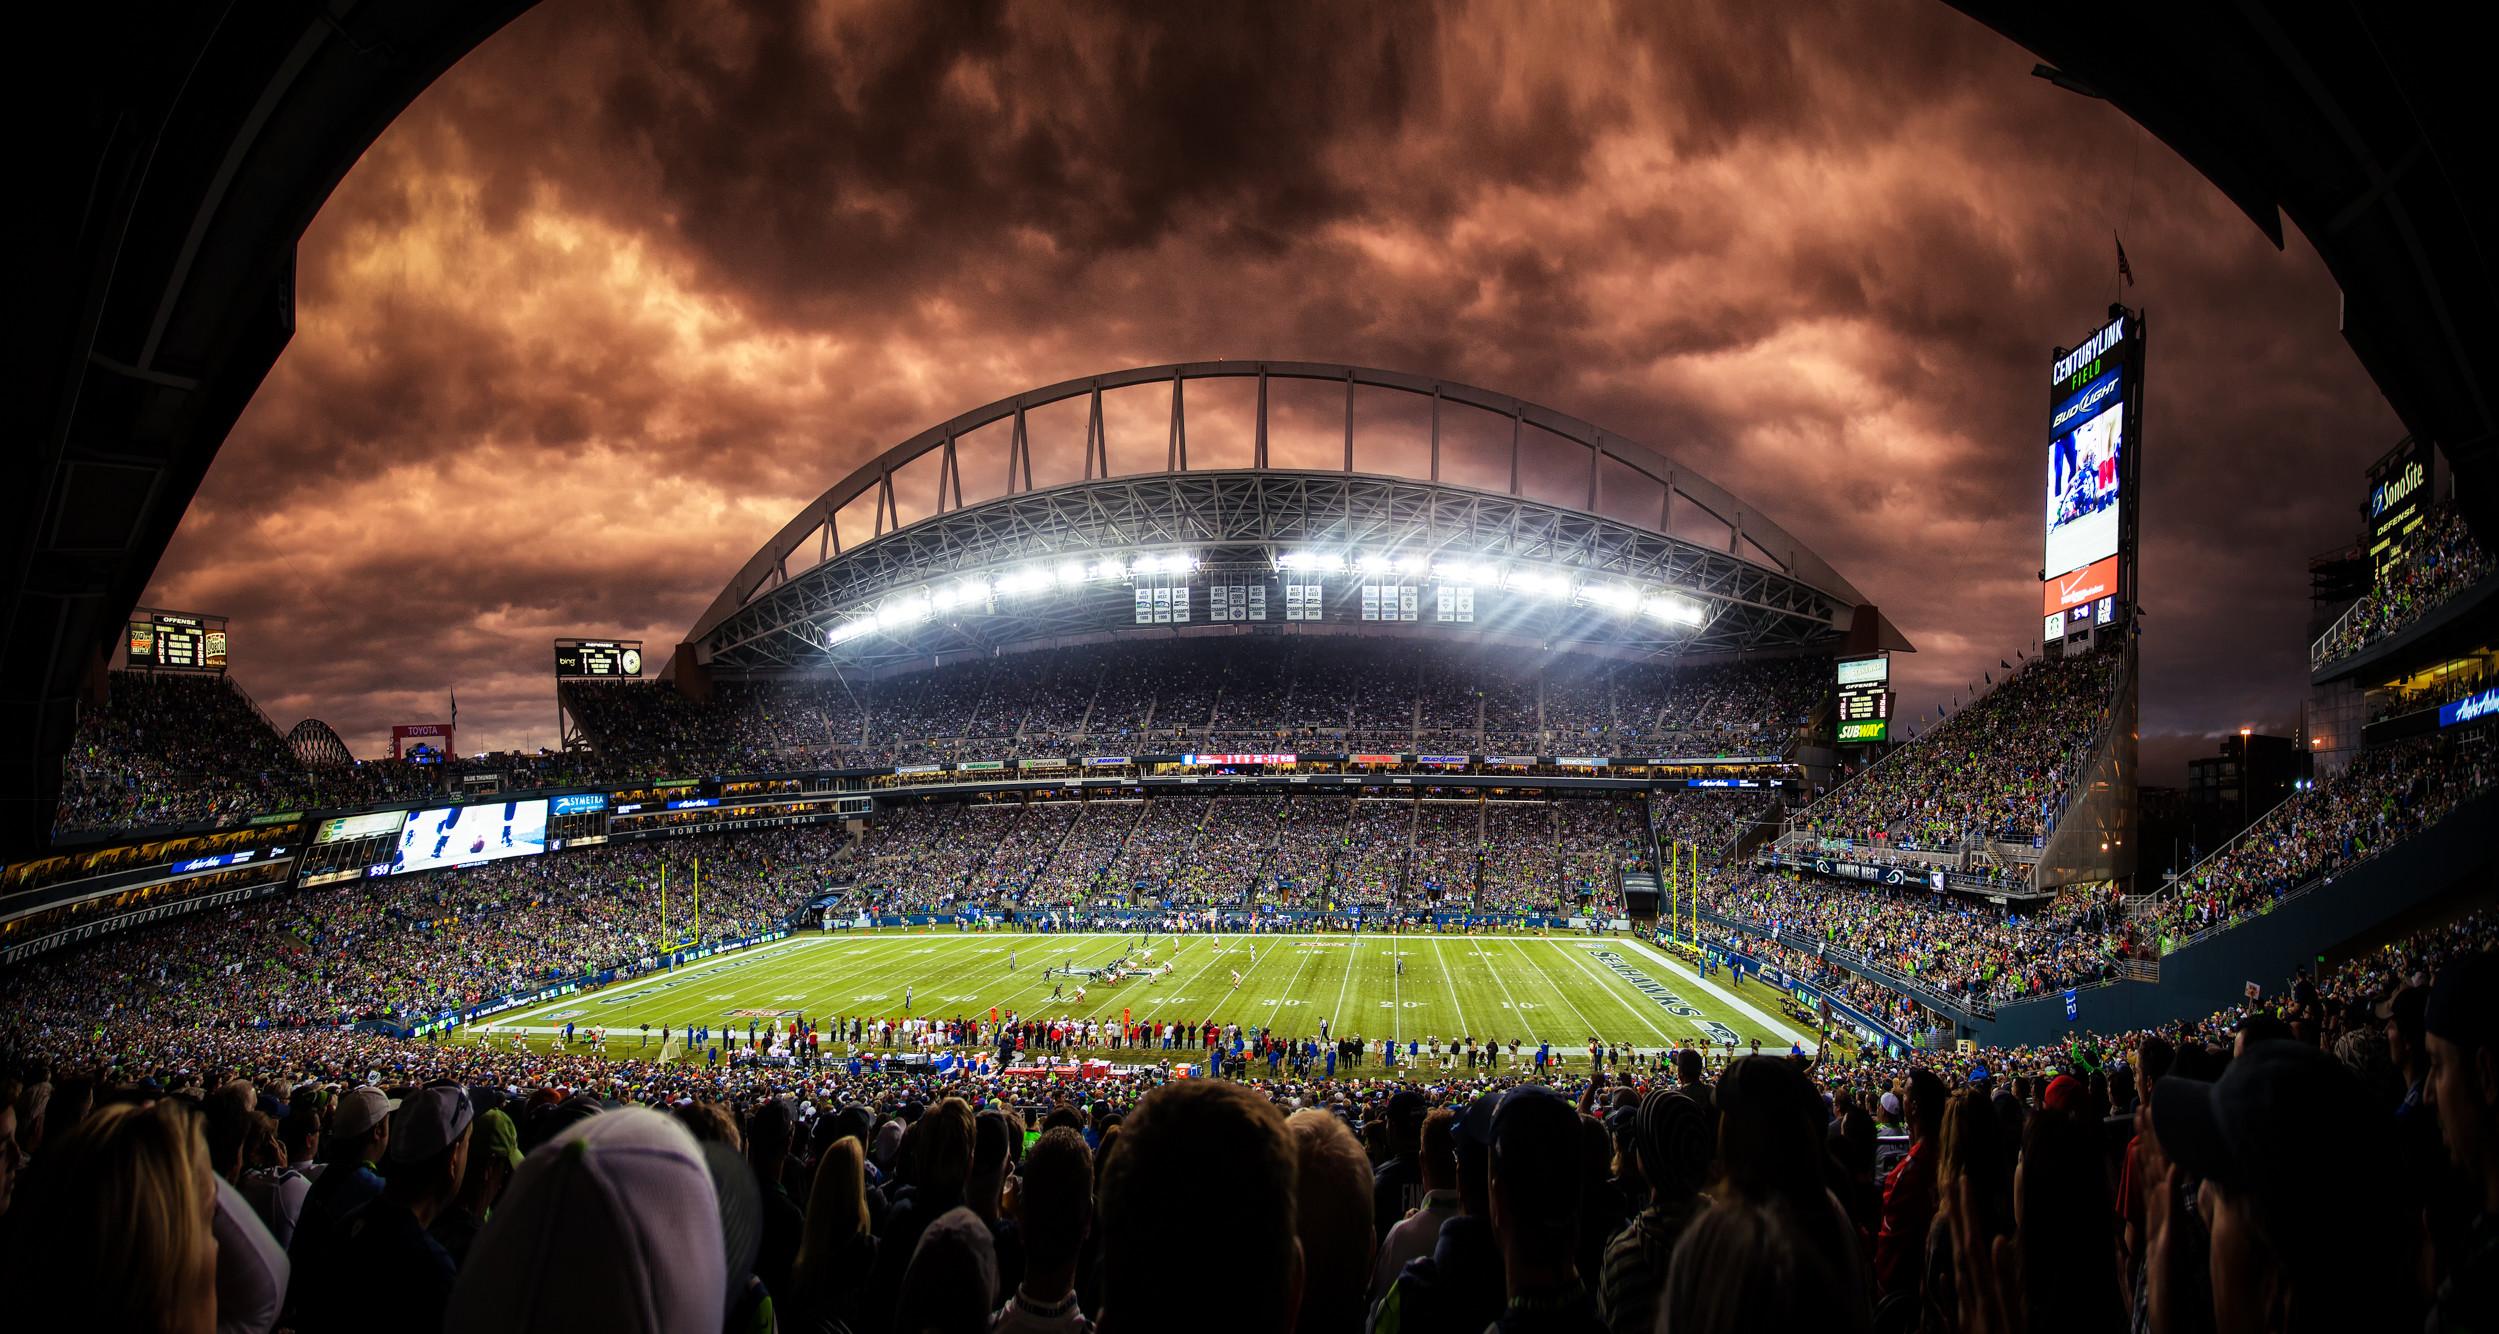 Century Link Field Seattle Seahawks Stadium at Washington.